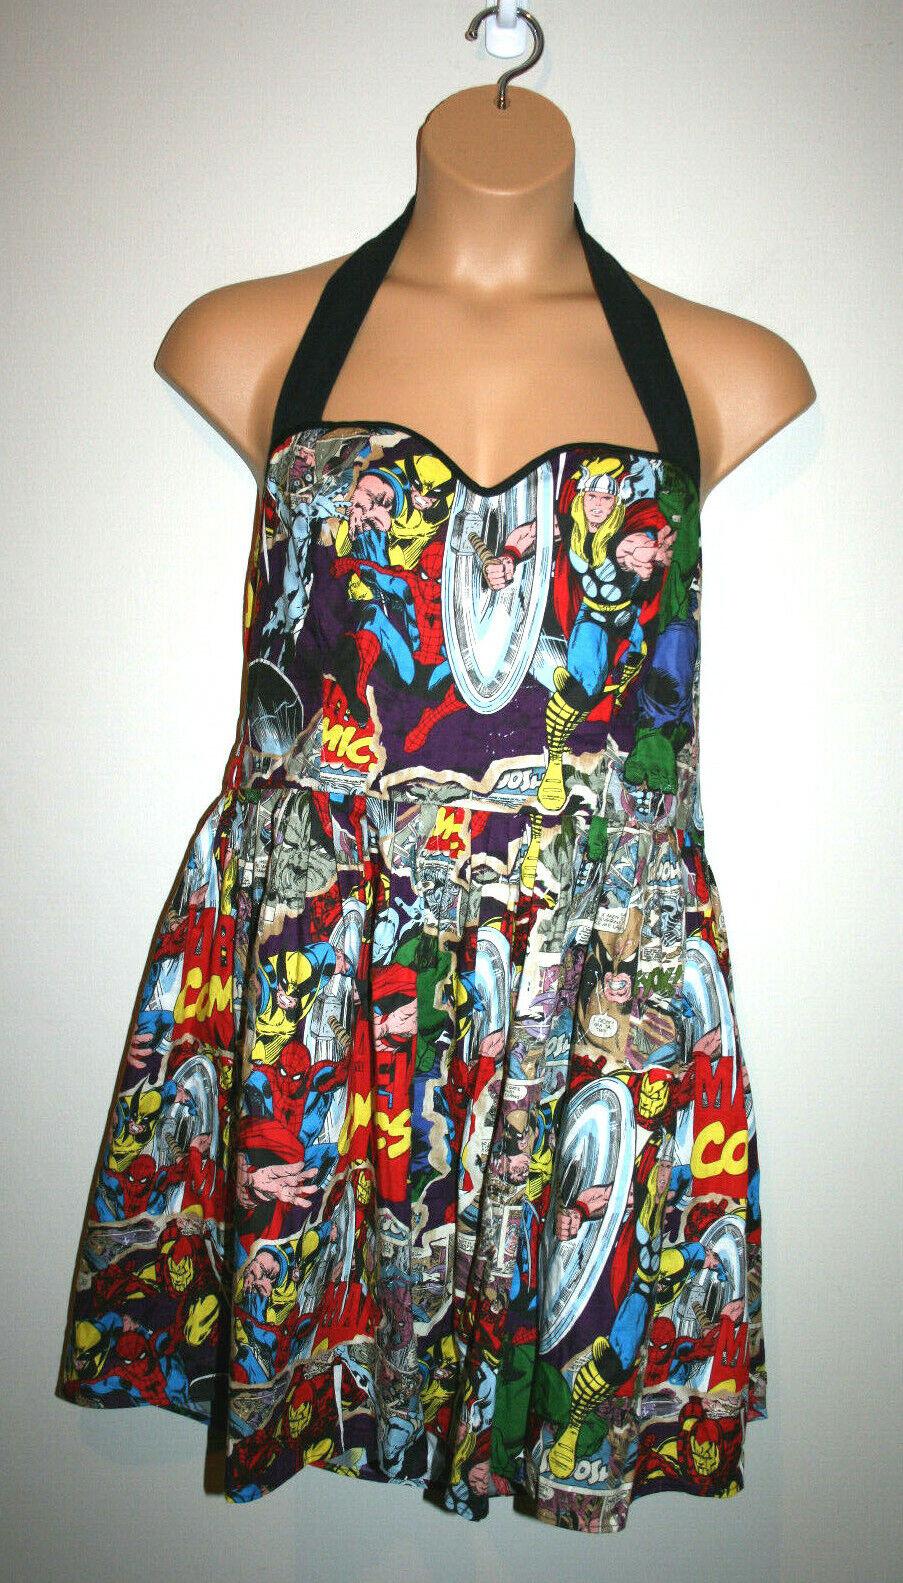 damen MARVEL Comics Avengers Handmade Halter Sweetheart Dress XL XXL 2X 3X